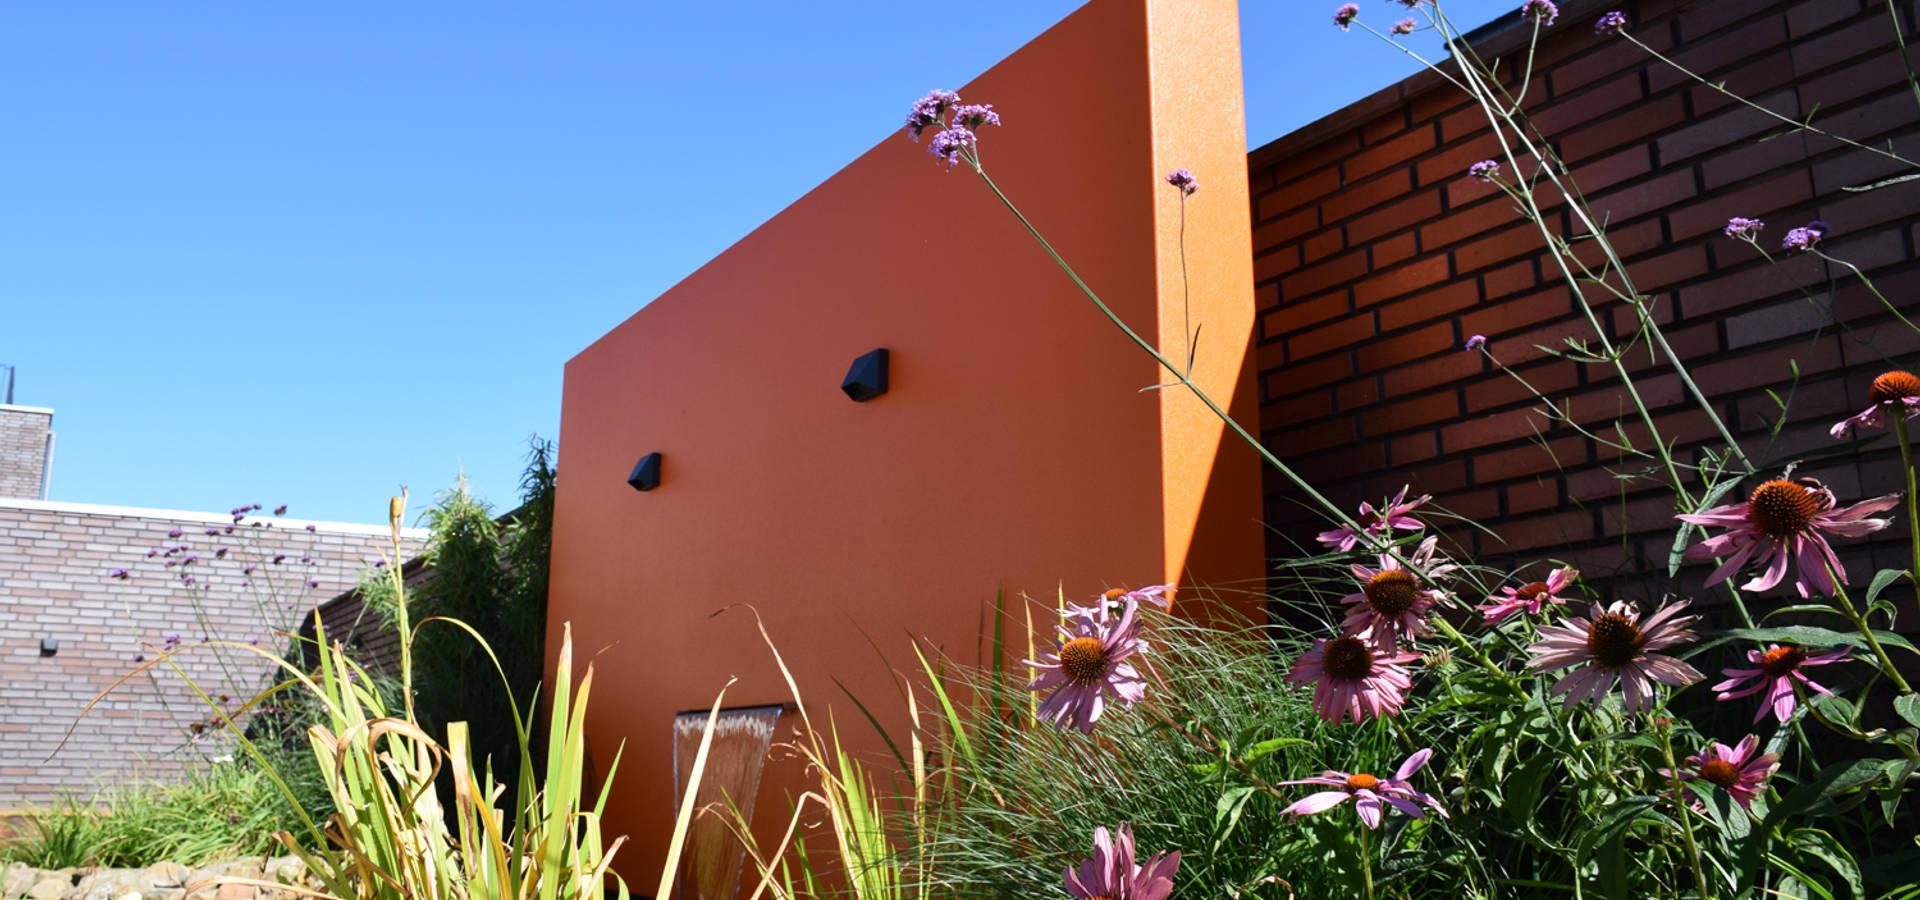 KLAP tuin- en landschapsarchitectuur